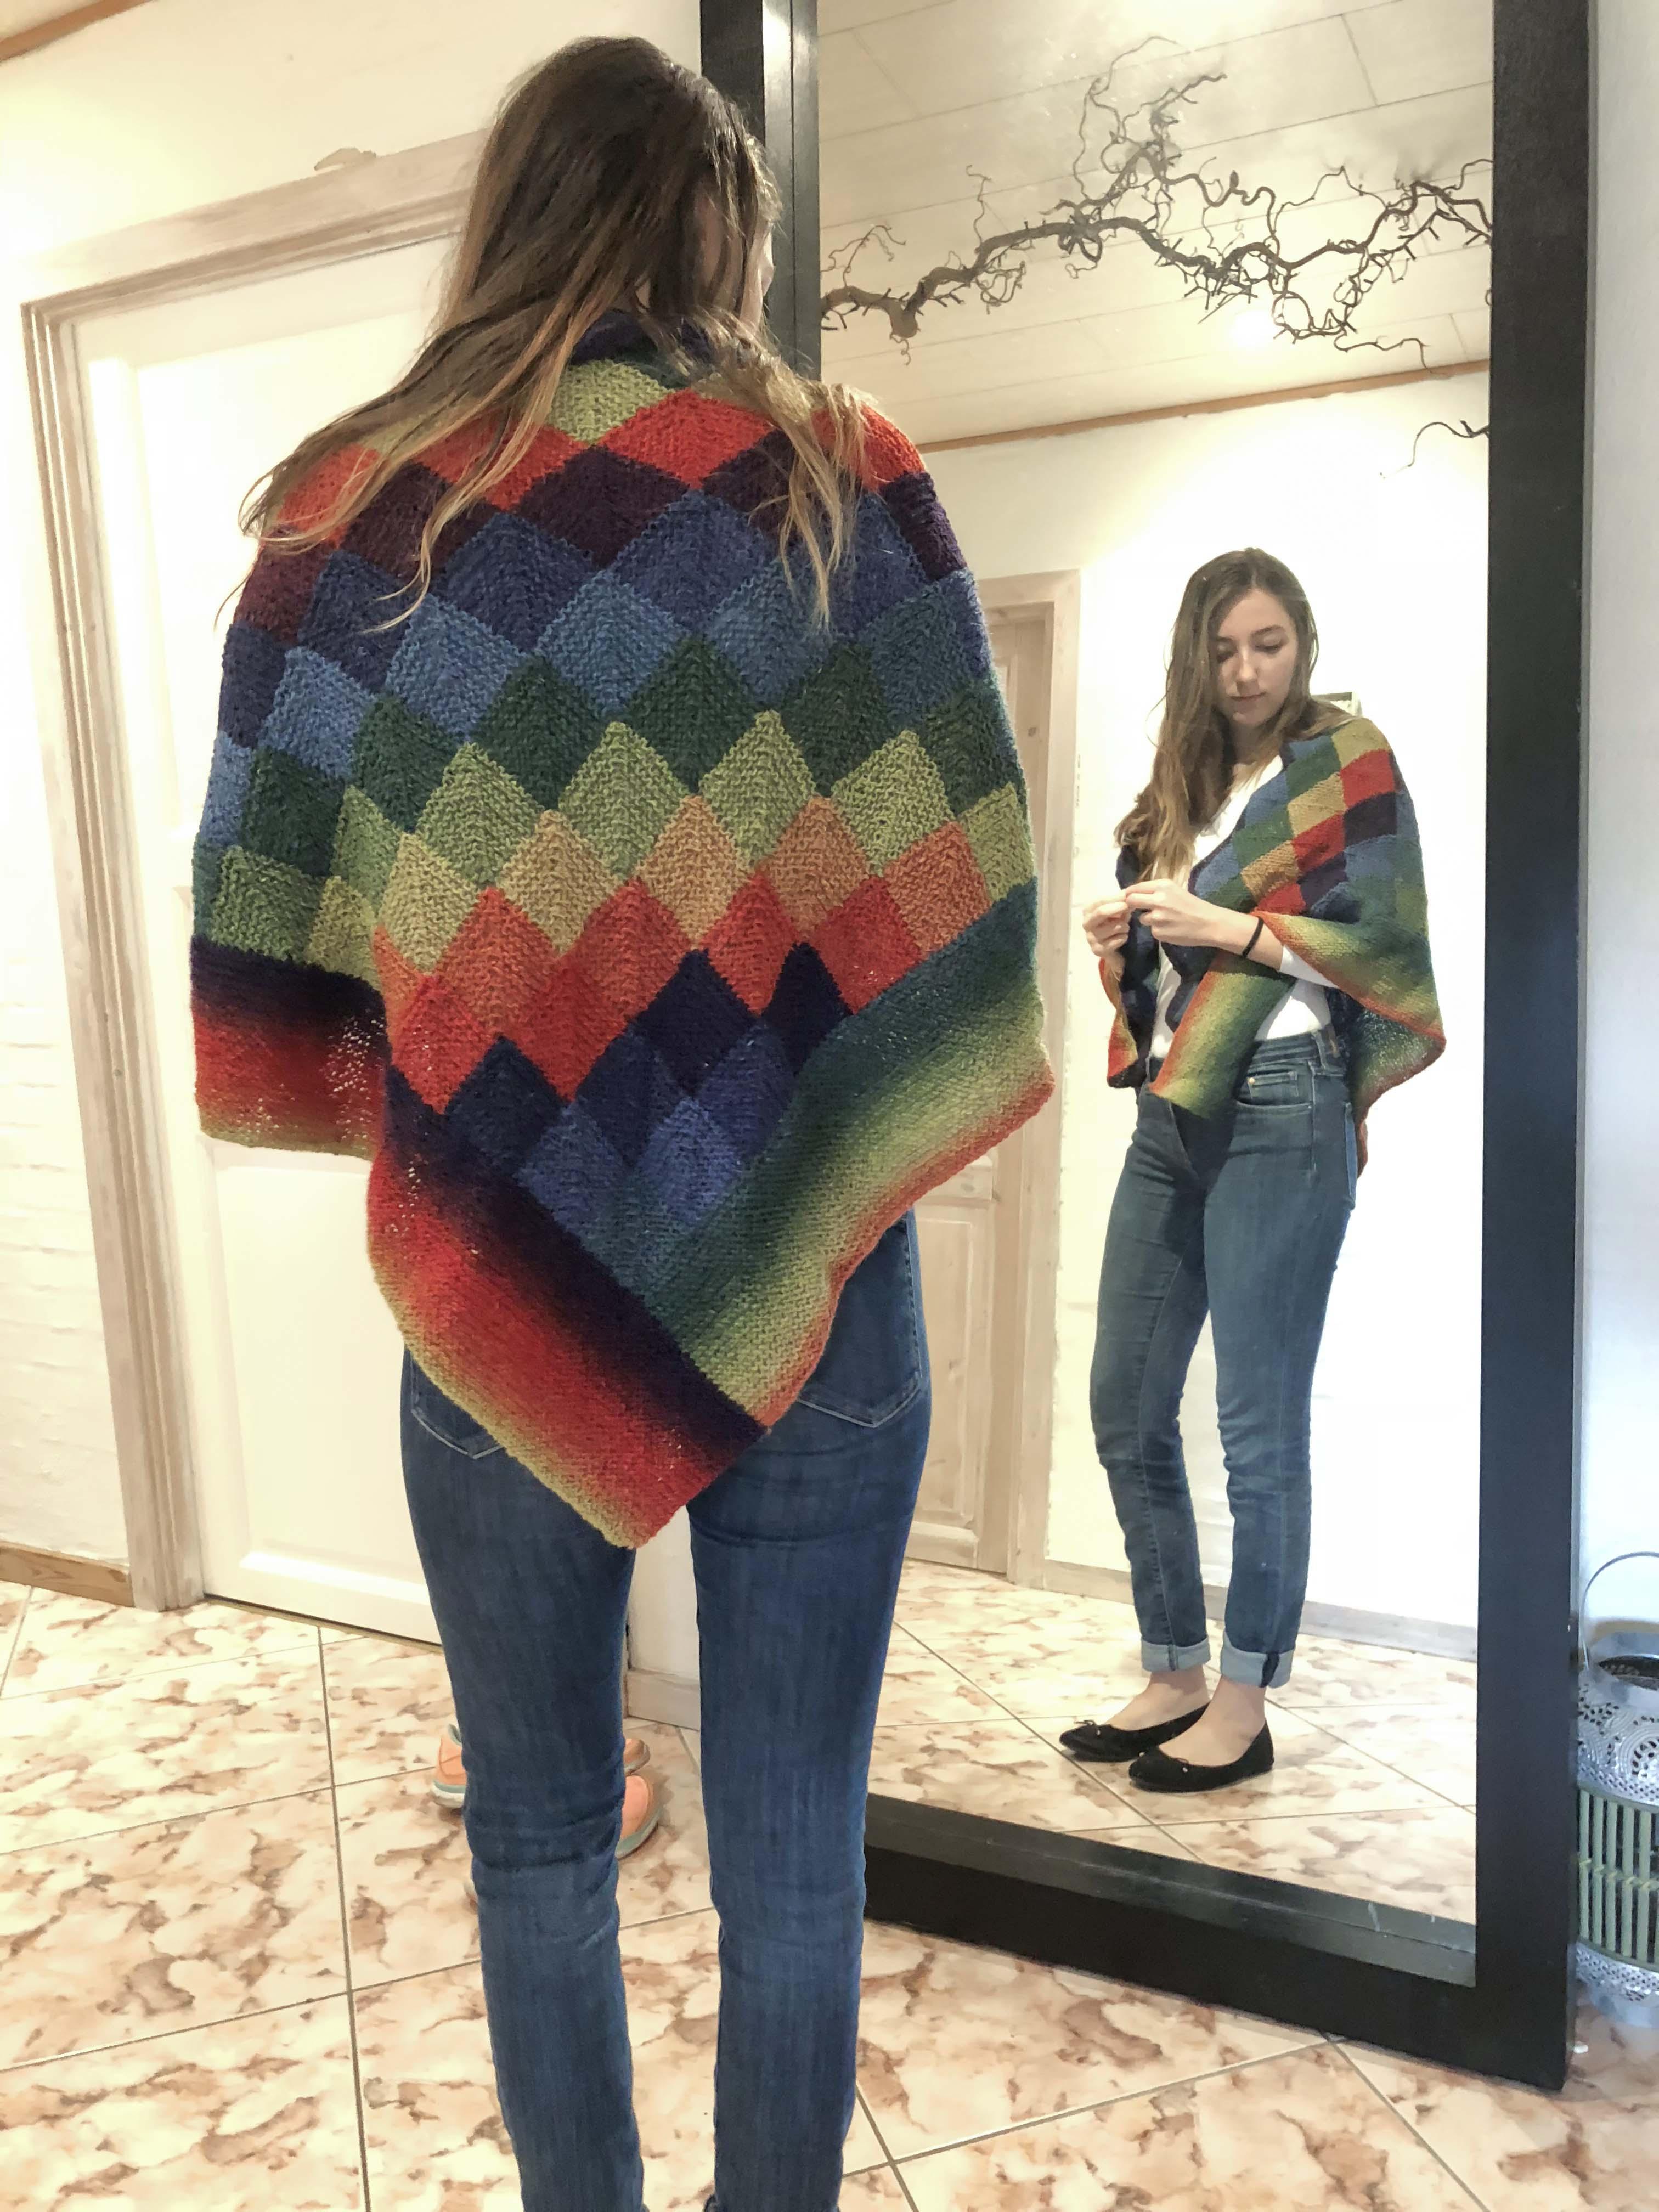 Lækkert og varmt sjal strikket i domino strik af multifarvet uldgarn